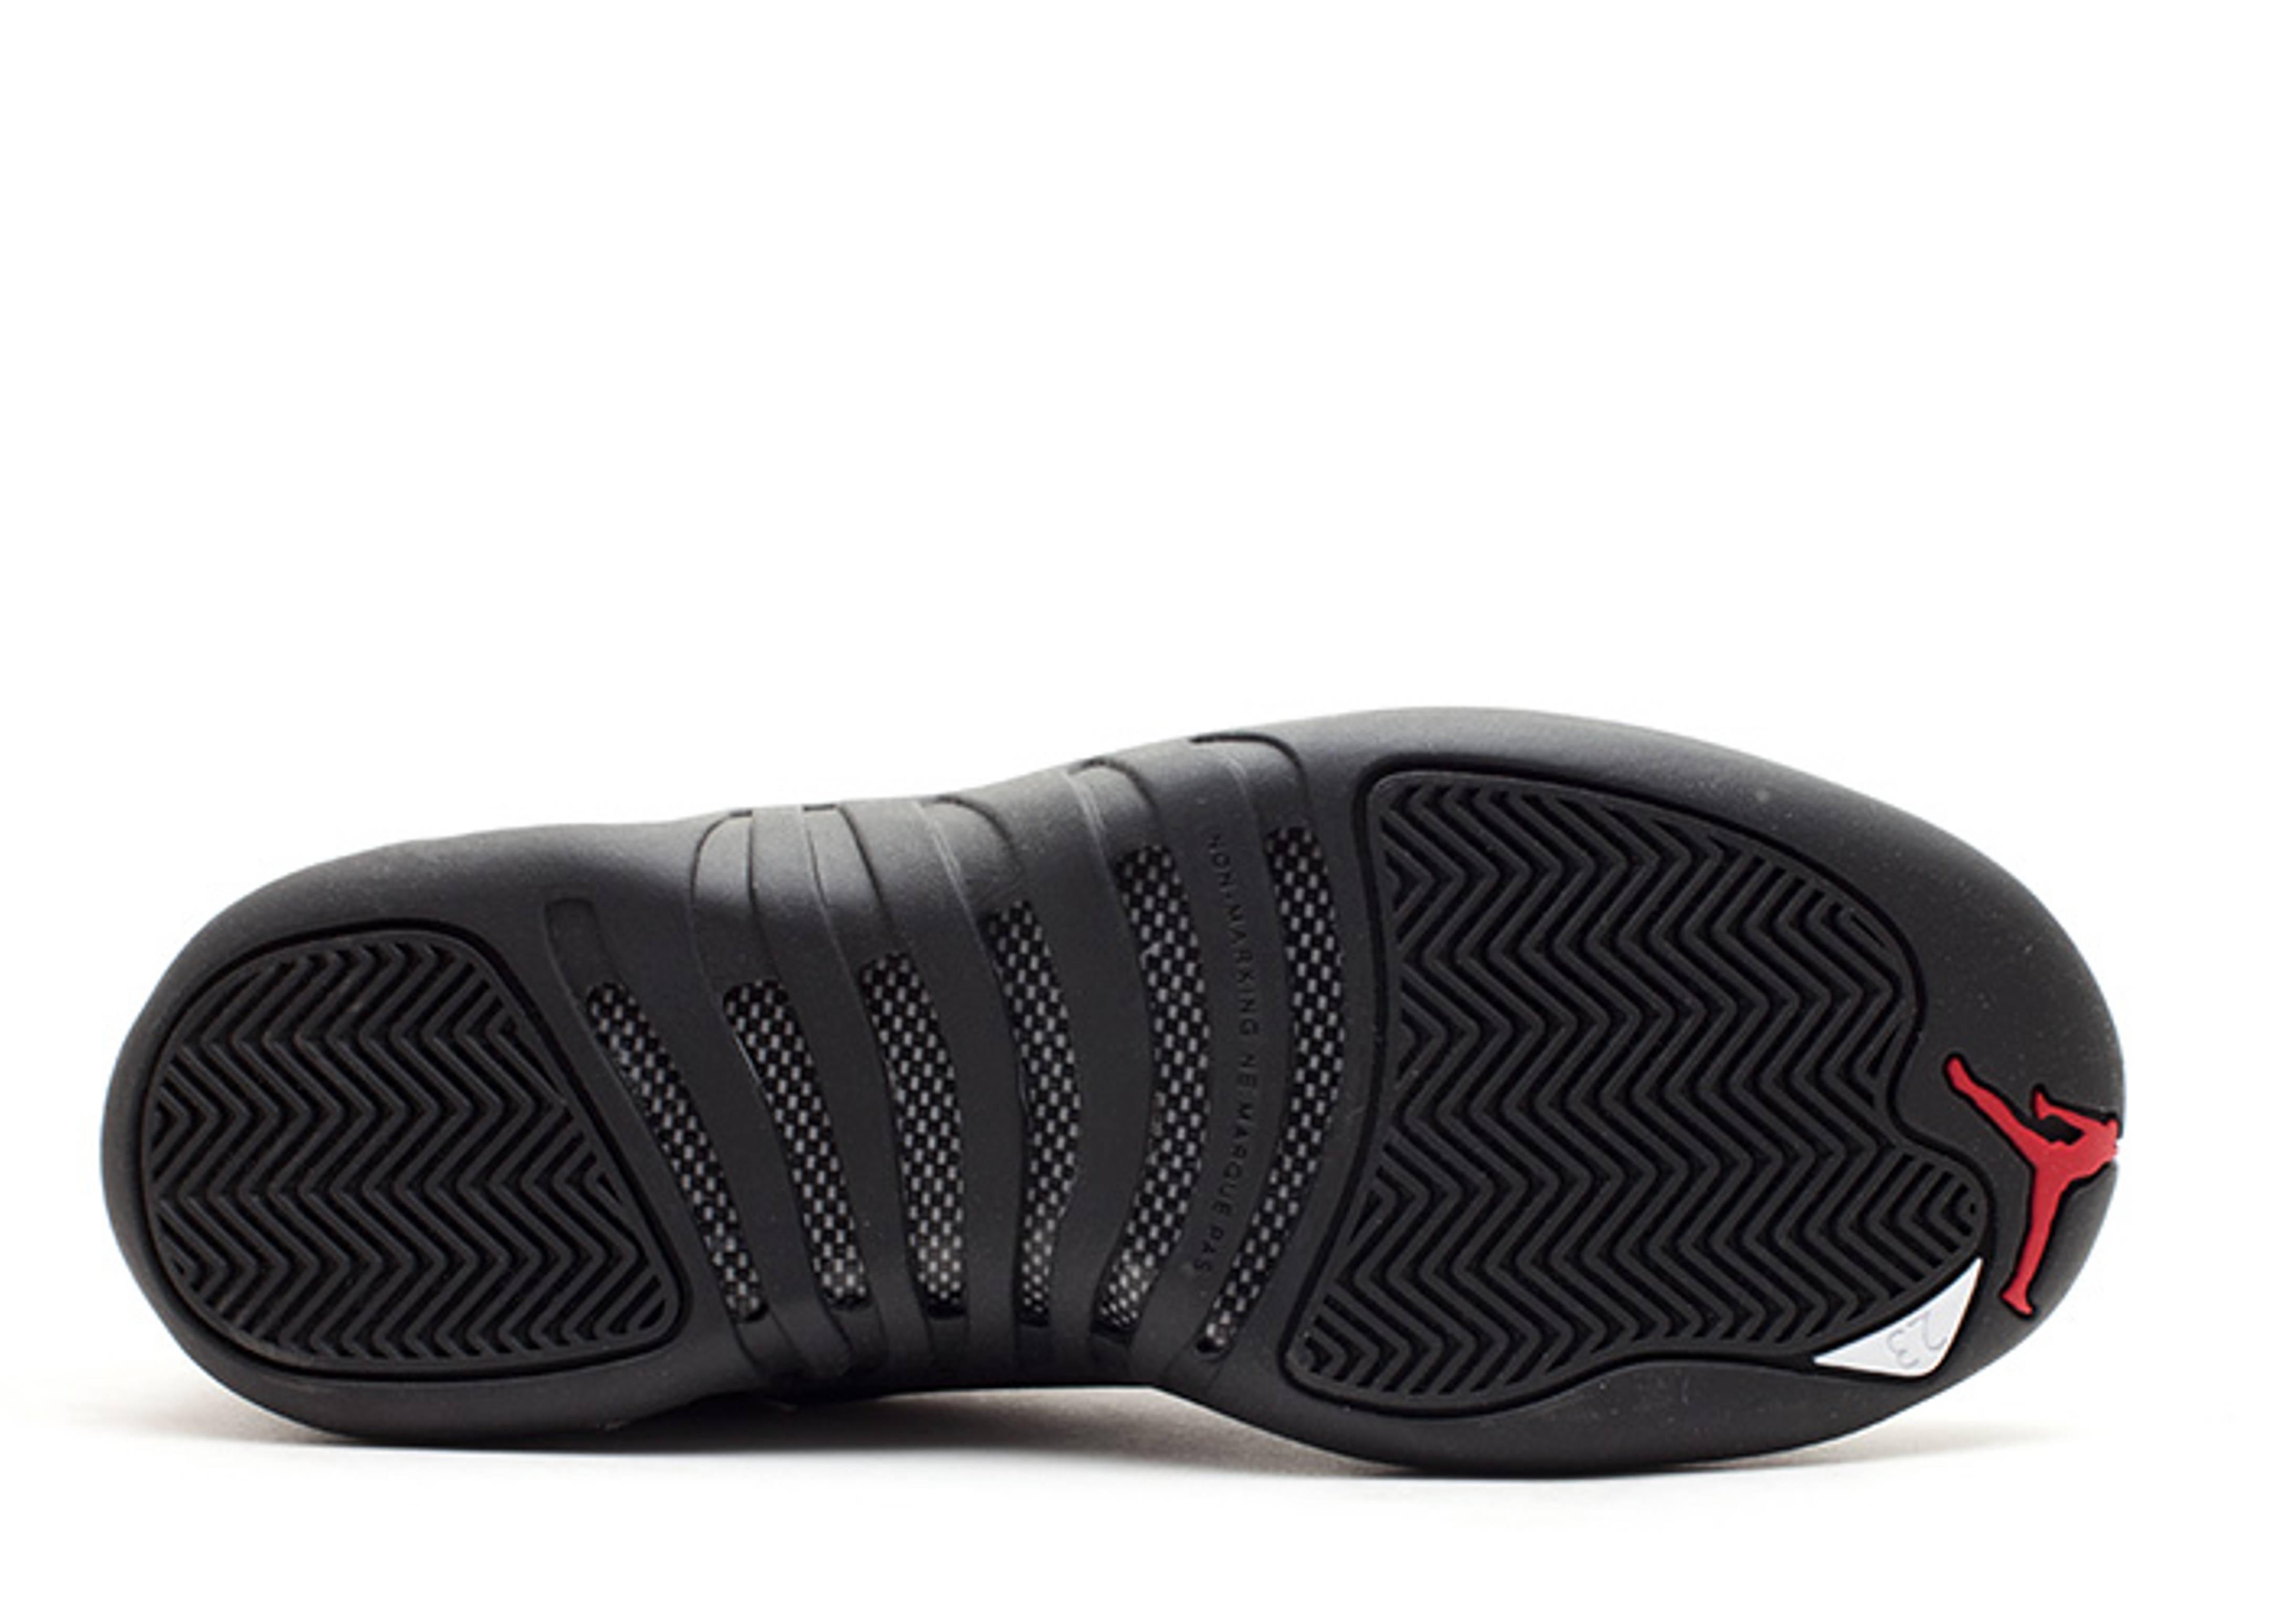 4f611d6a355b55 Air Jordan 12 Retro Low (gs) - Air Jordan - 308305 001 - black ...